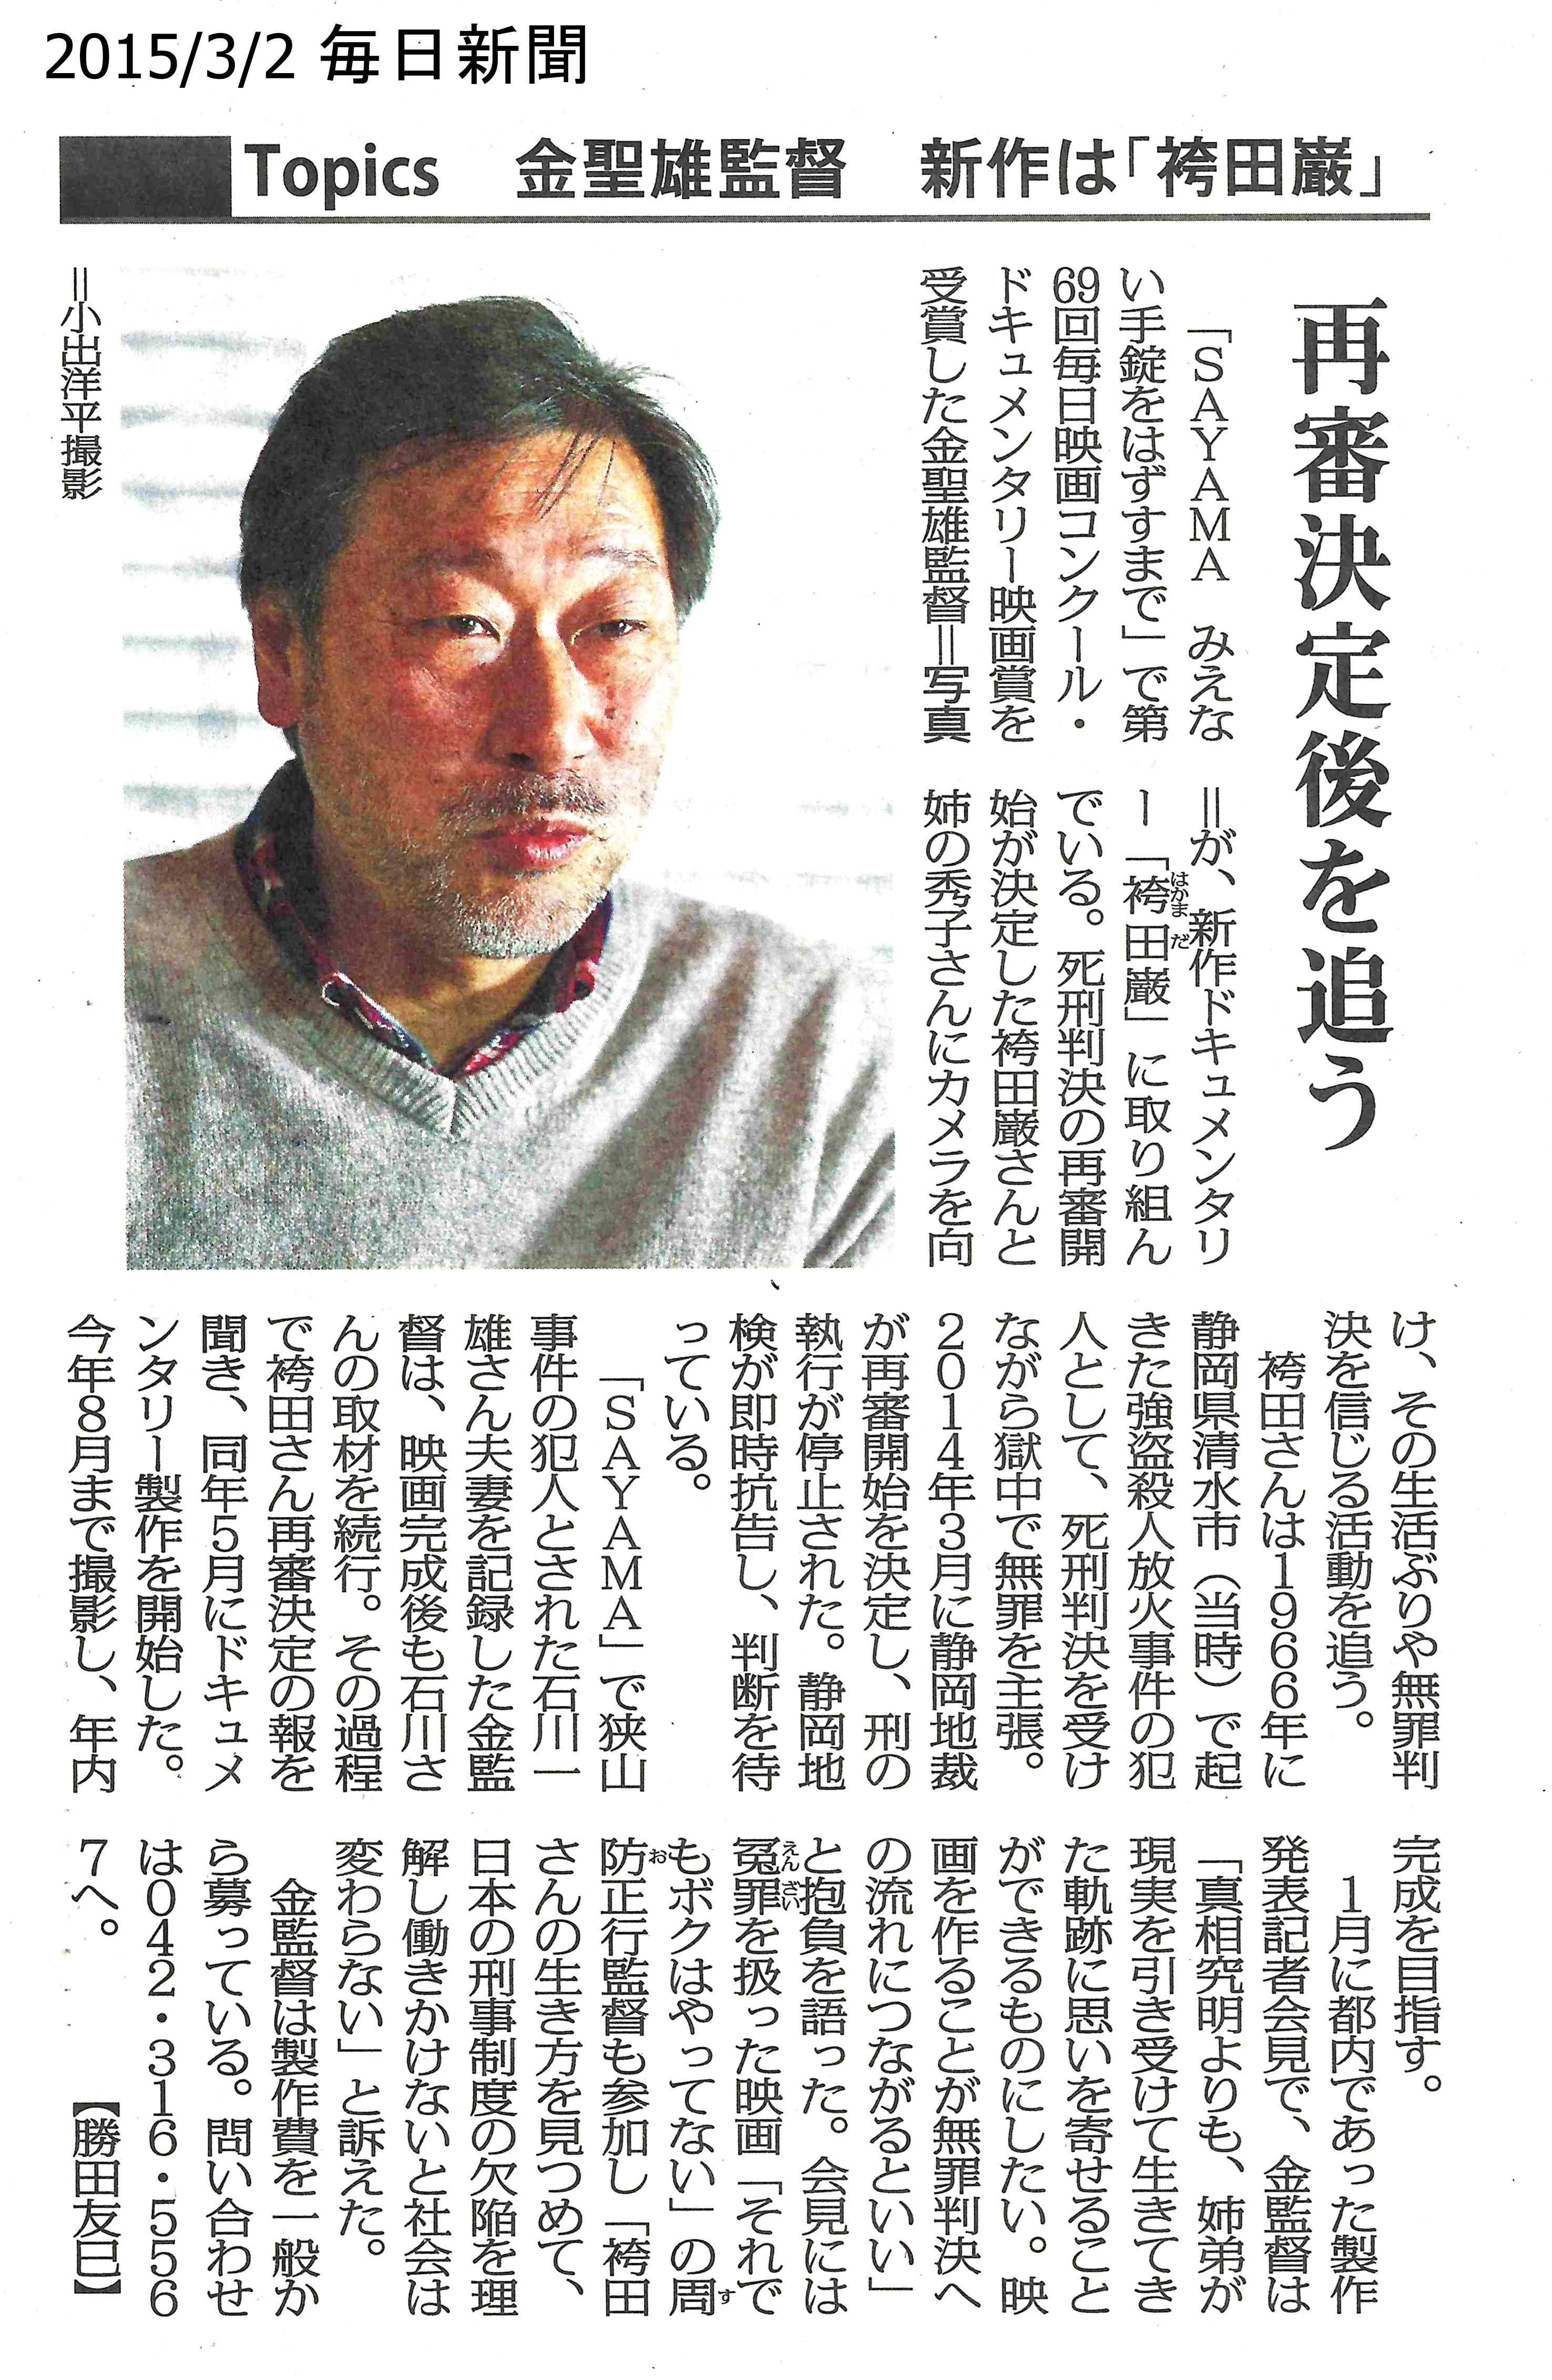 2015.03.02 毎日新聞